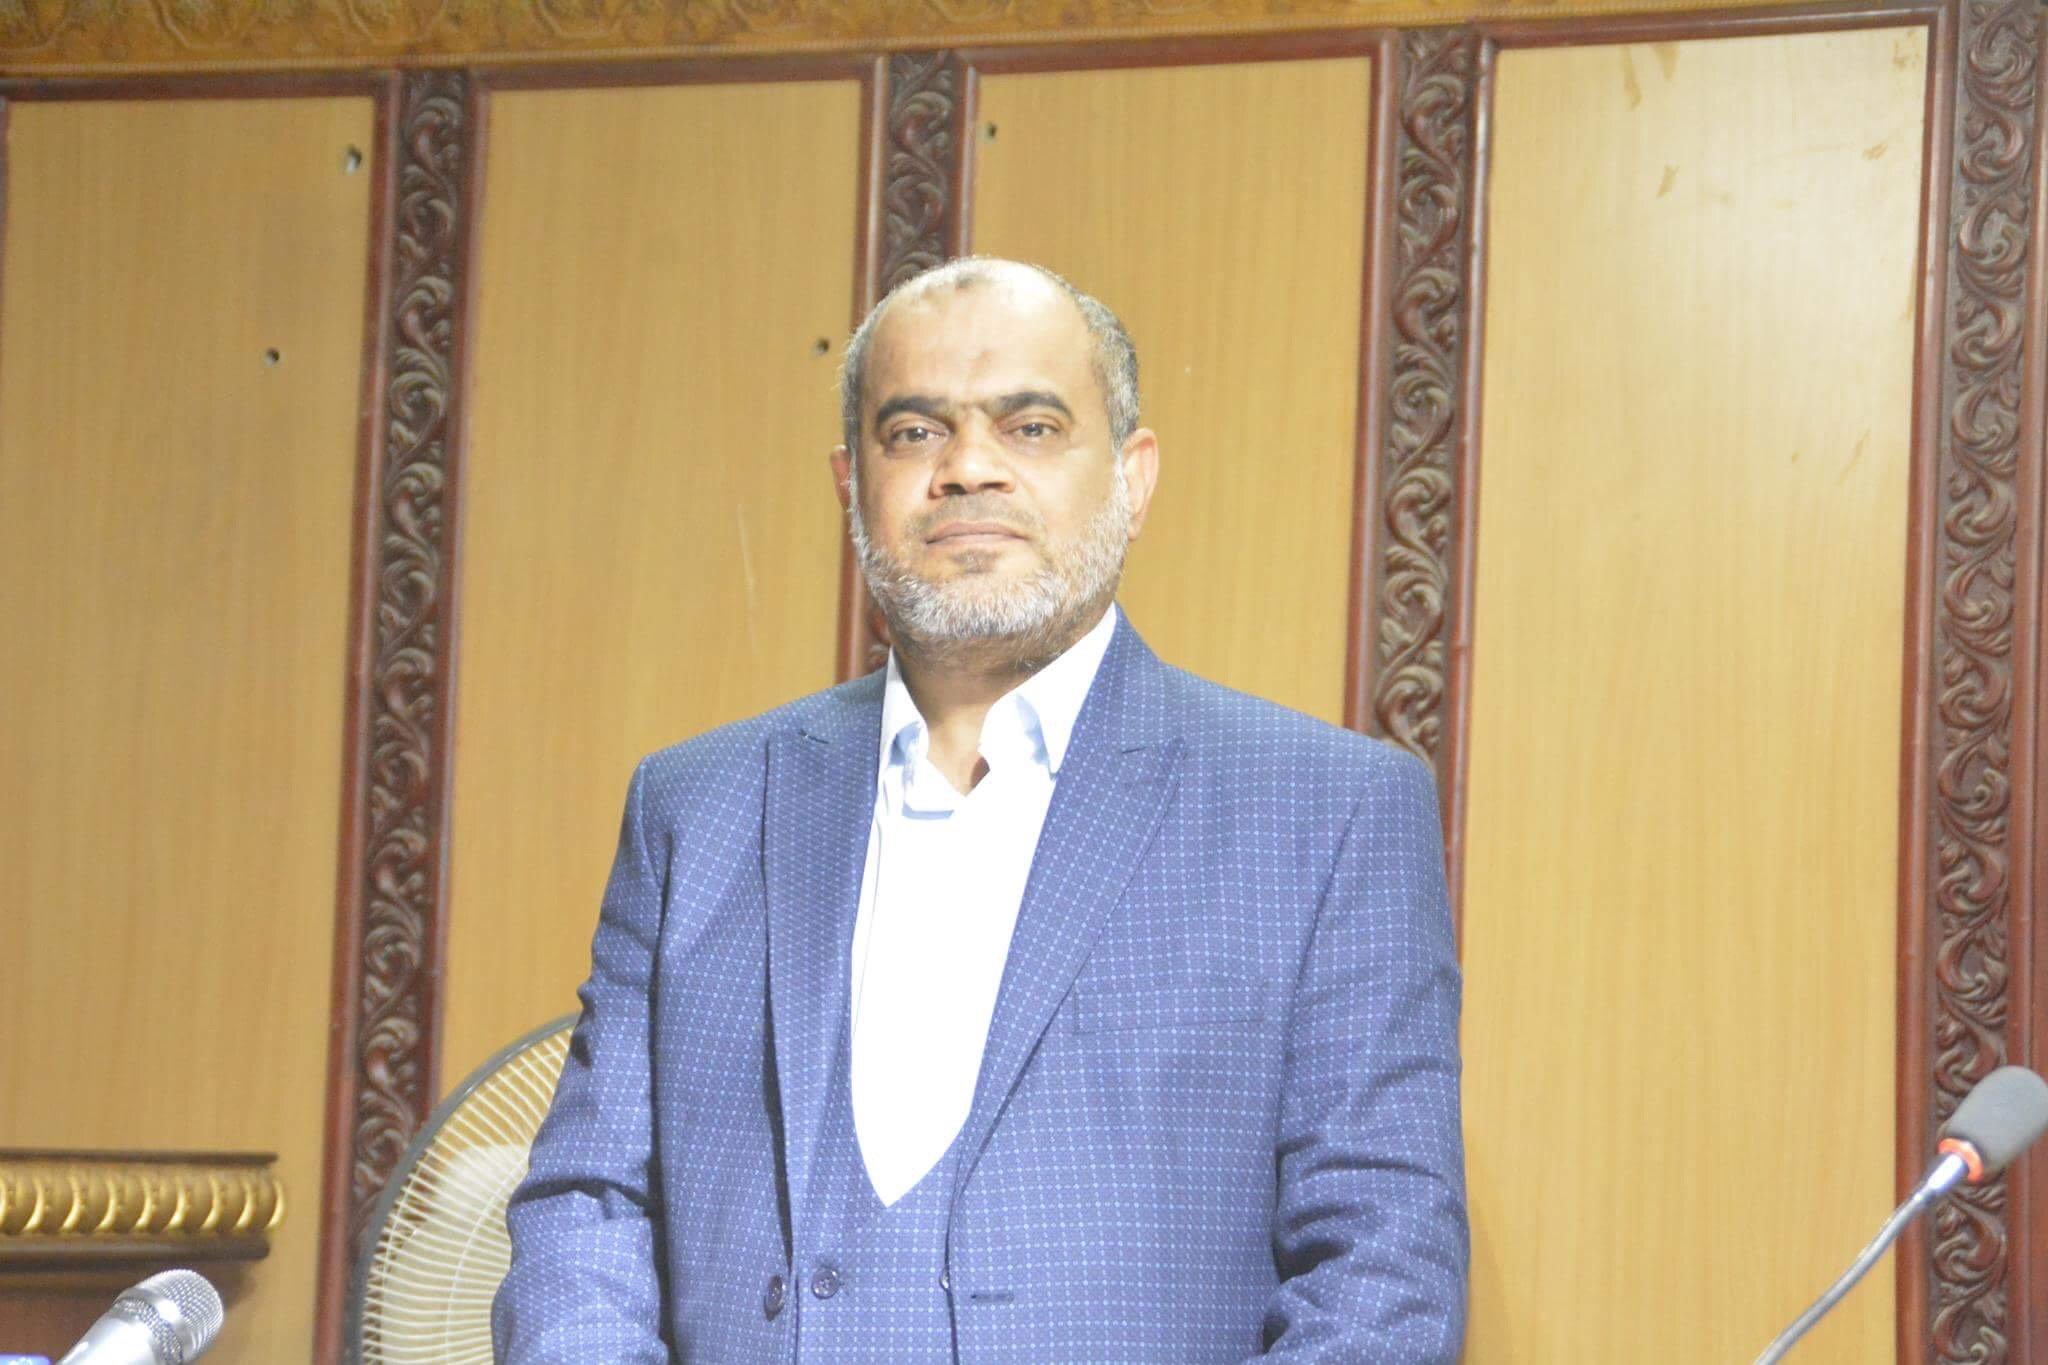 Alaa Kamel Saleh